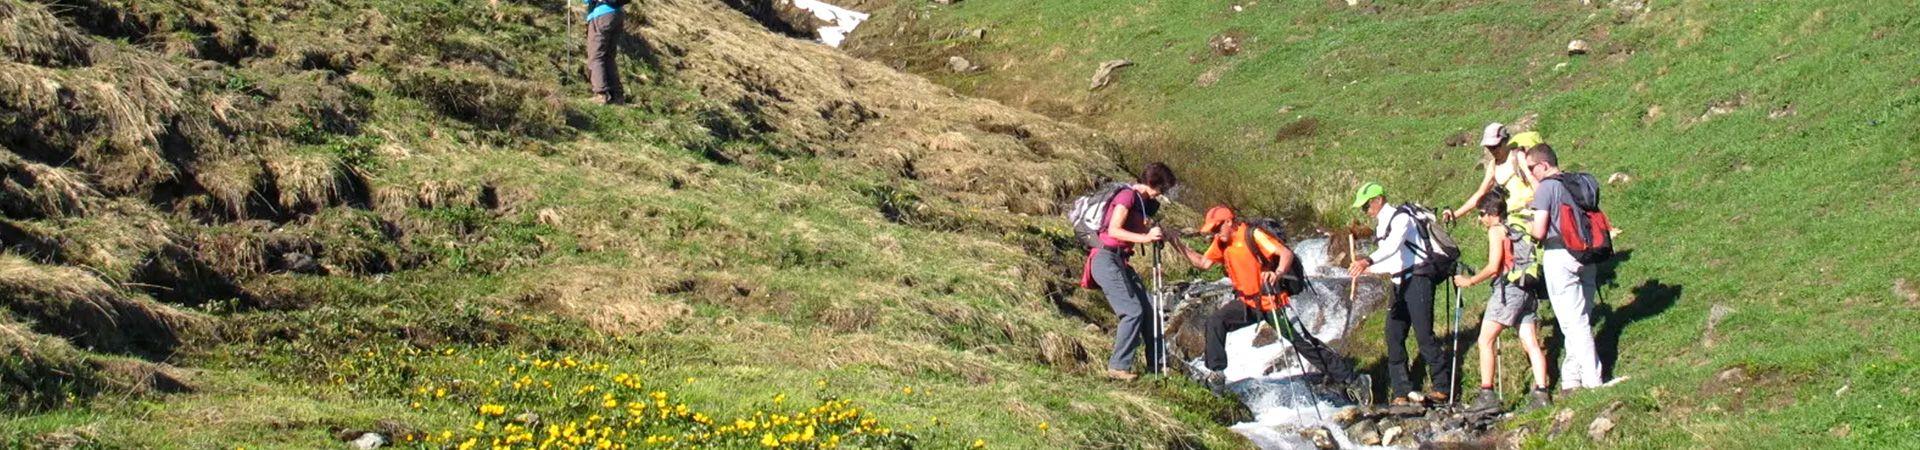 Randonneurs s'entraidant pour le franchissement d'un ruisseau en pleine montagne